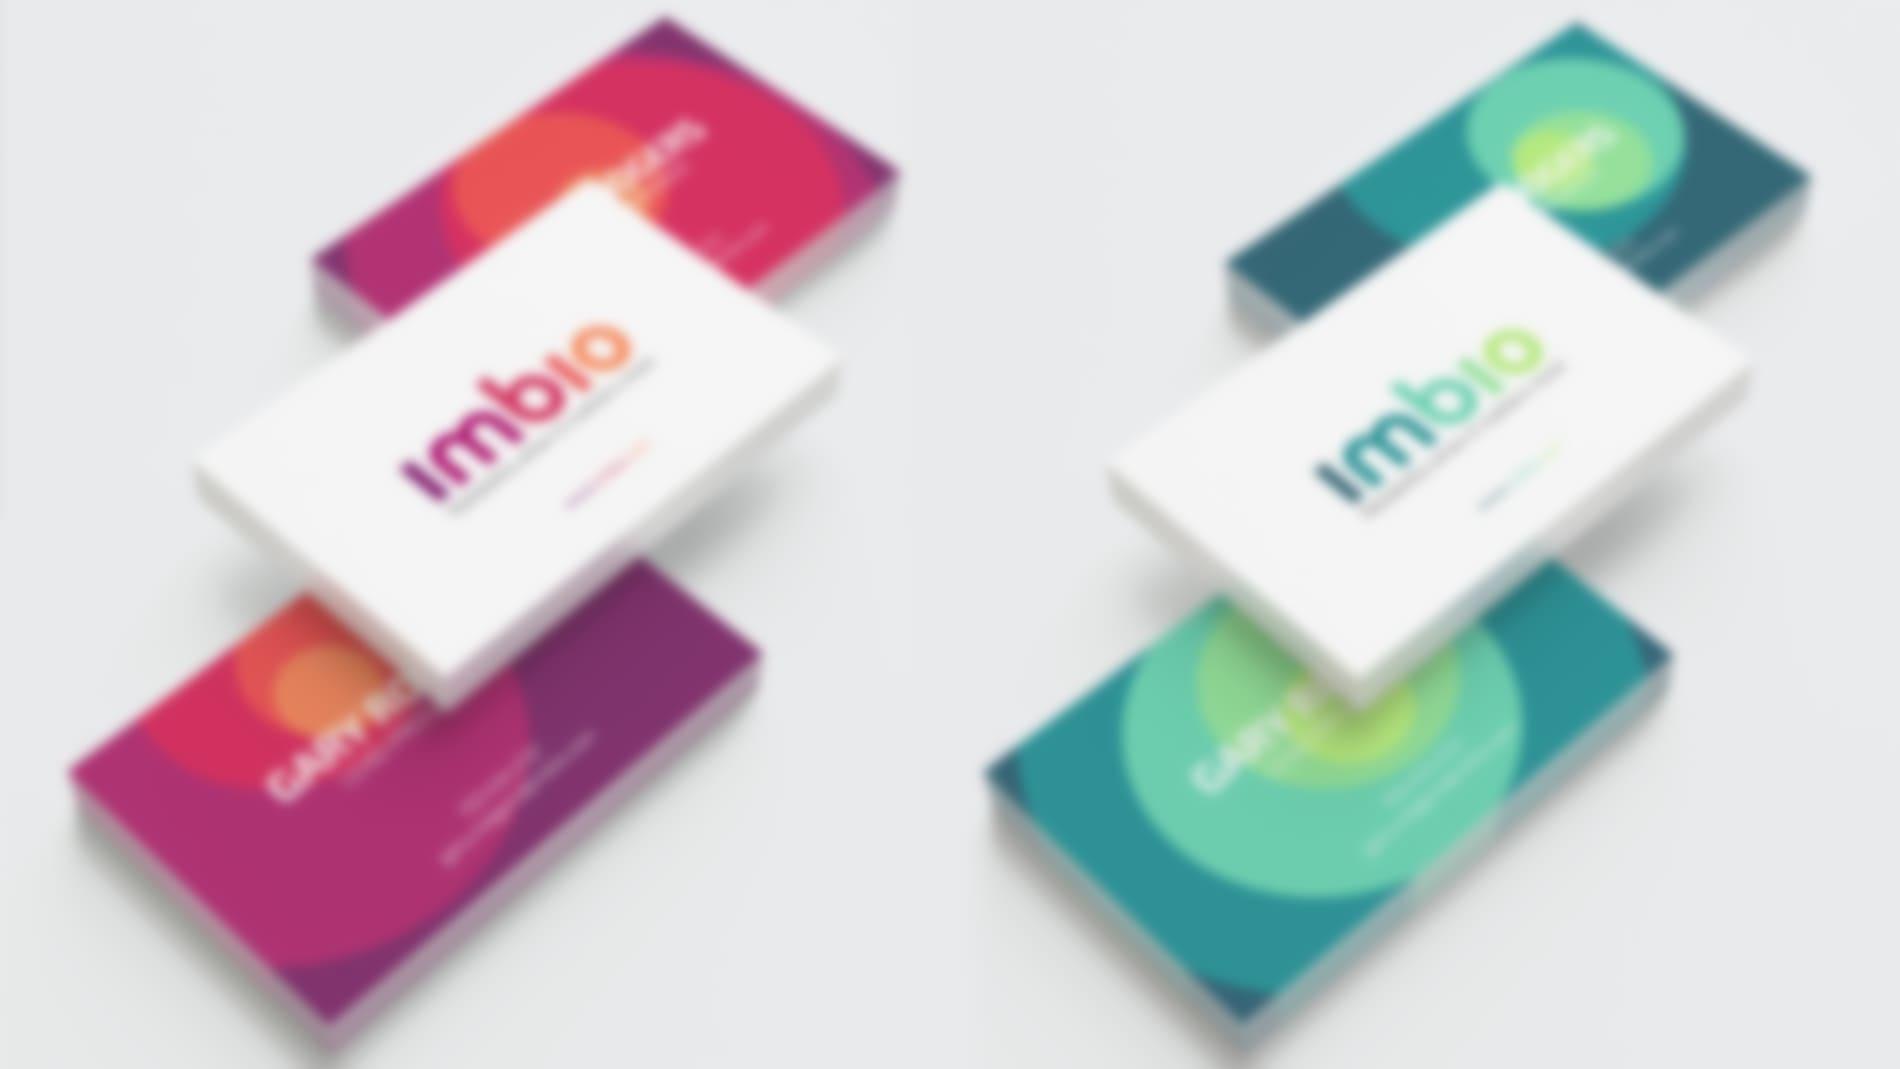 Imbio Branding Concepts